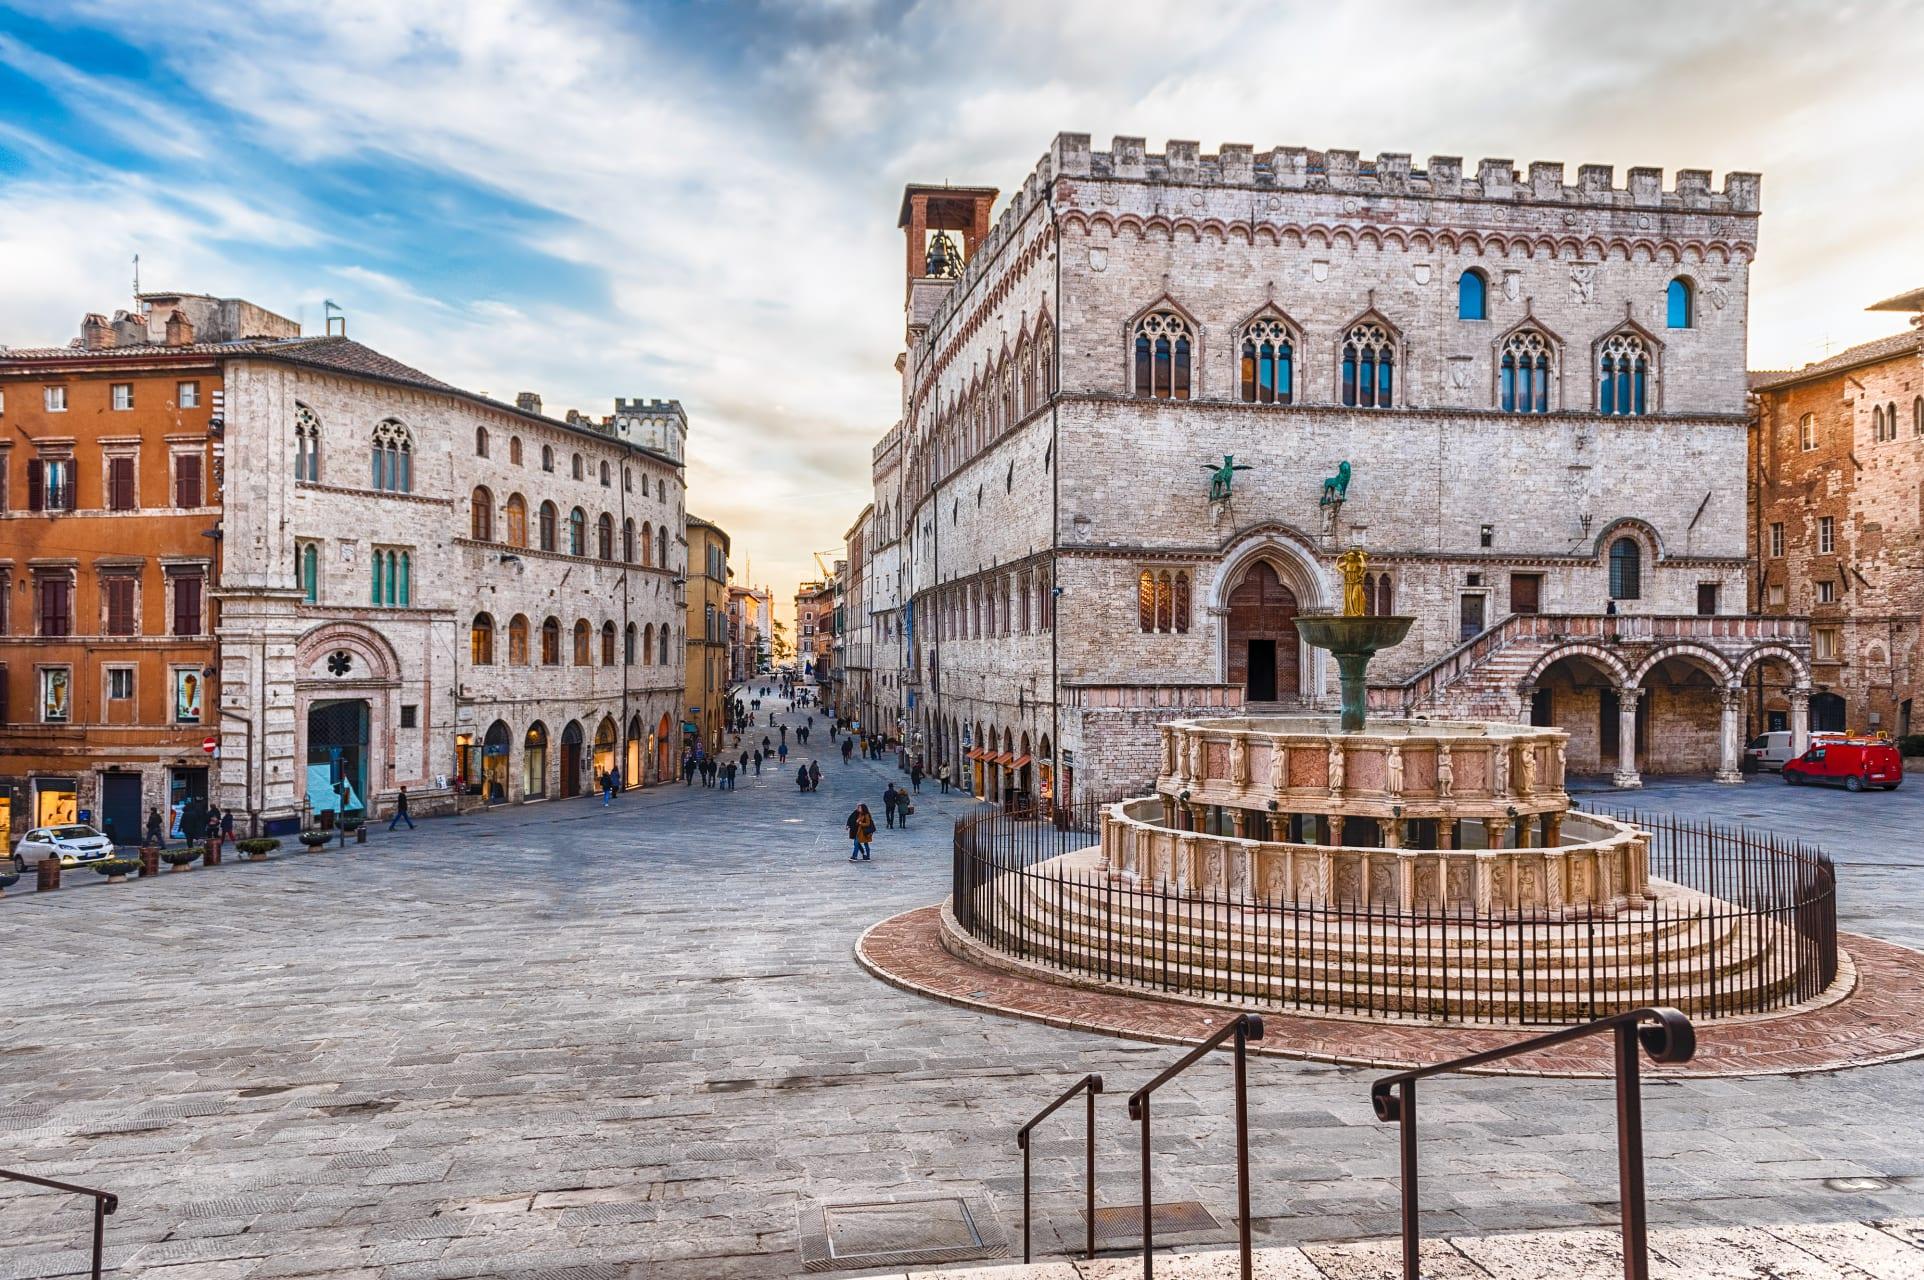 Perugia - Pérouse- La Ville du Griffon (TOUR IN FRENCH)